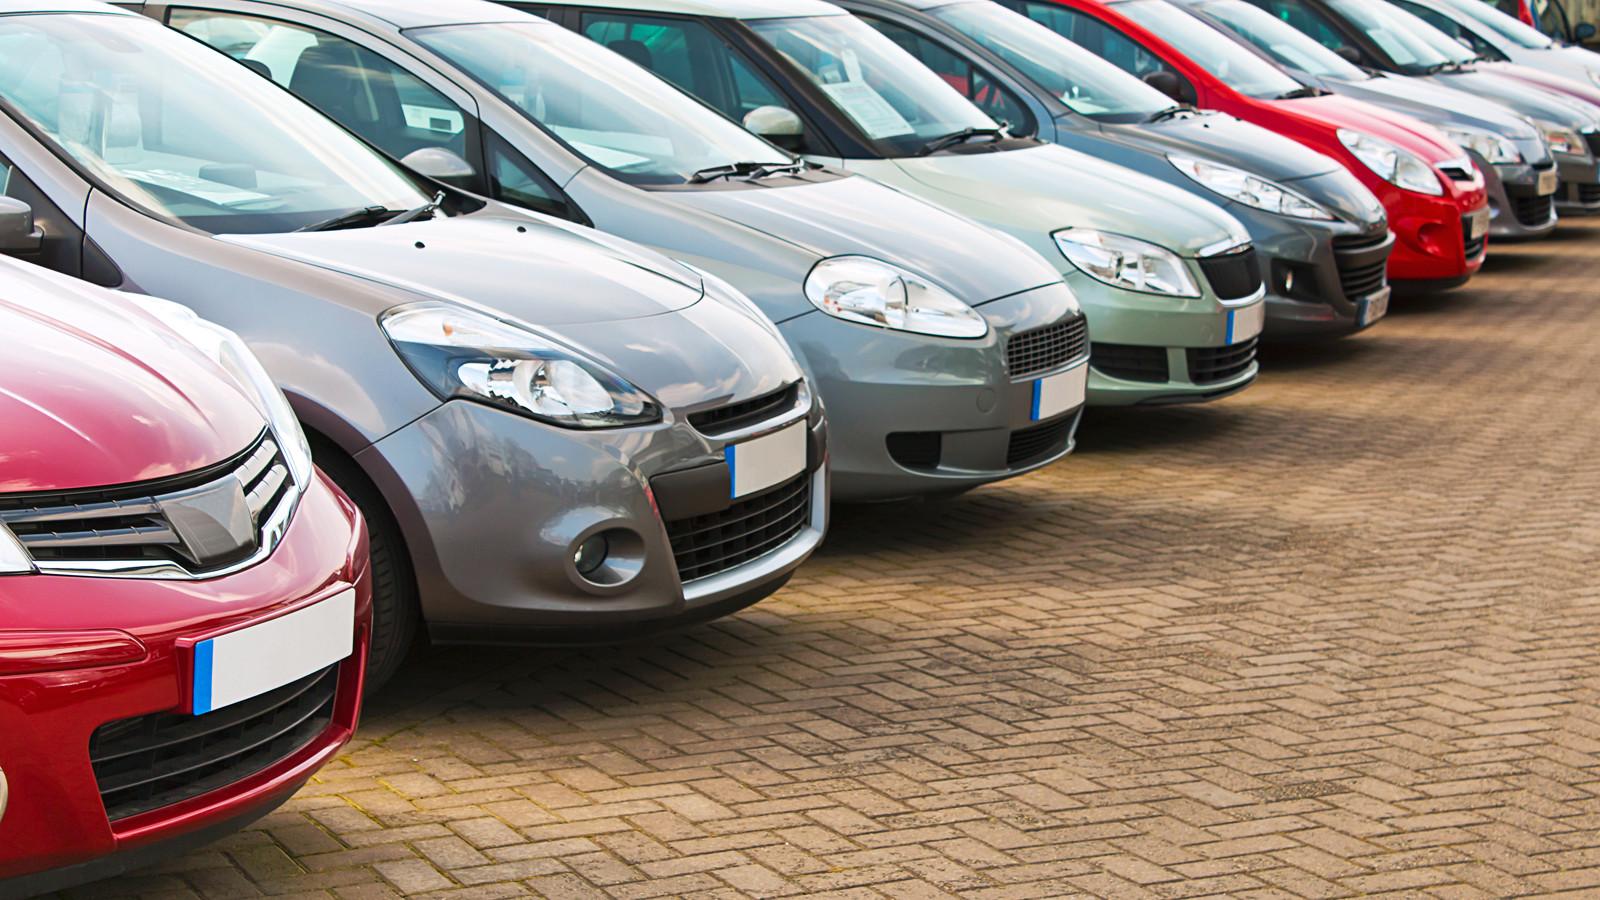 Кконцу зимы продажи легковых машин вмире увеличились на8%